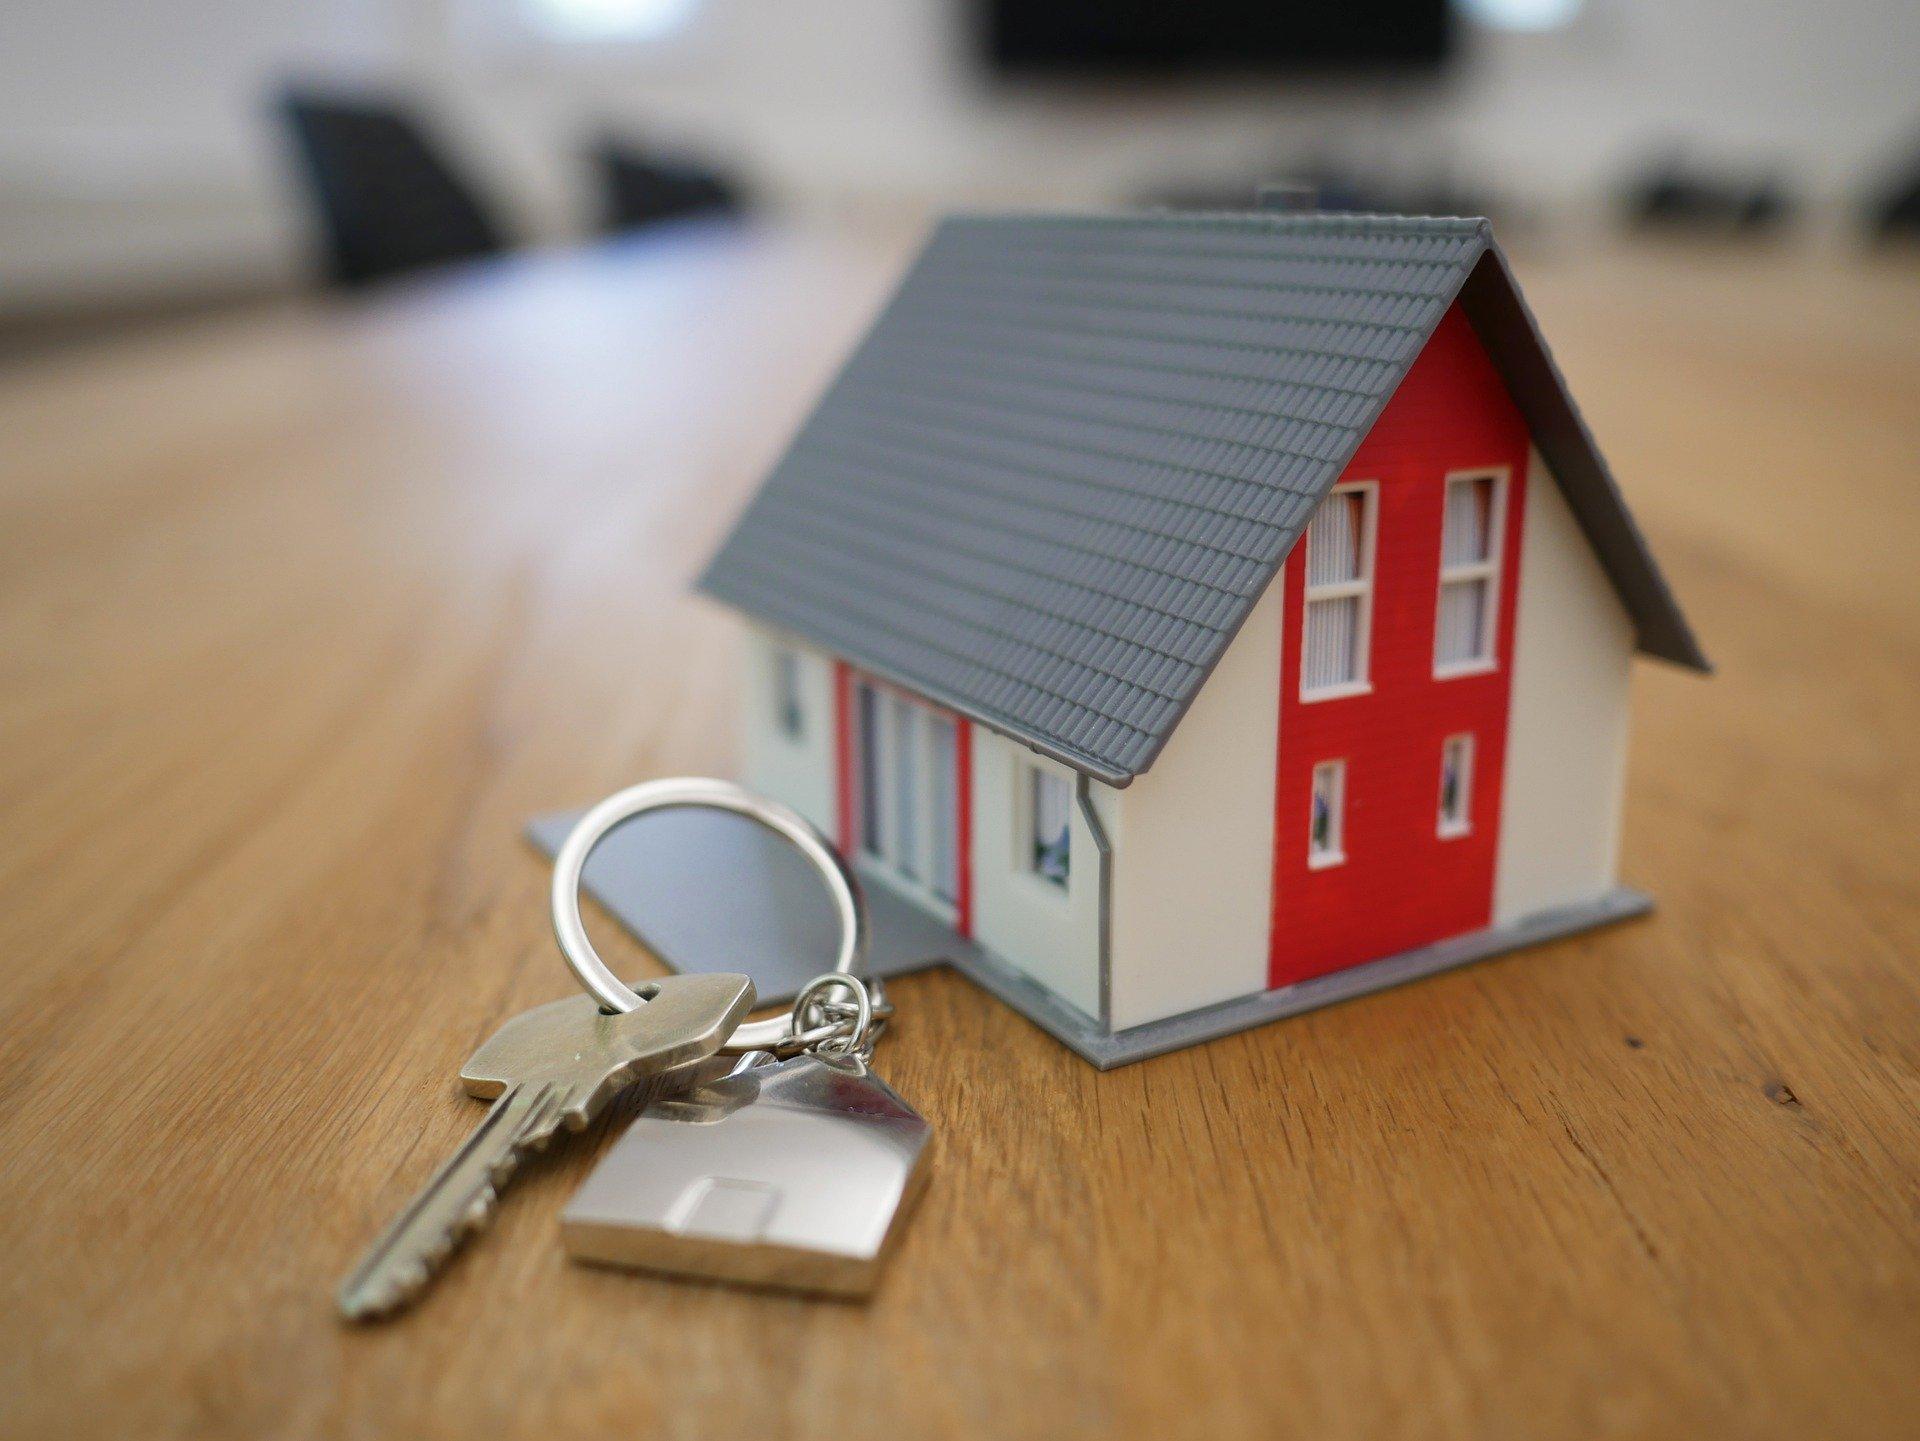 Aantal jonge huizenkopers stijgt explosief met 40 procent tijdens coronacrisis